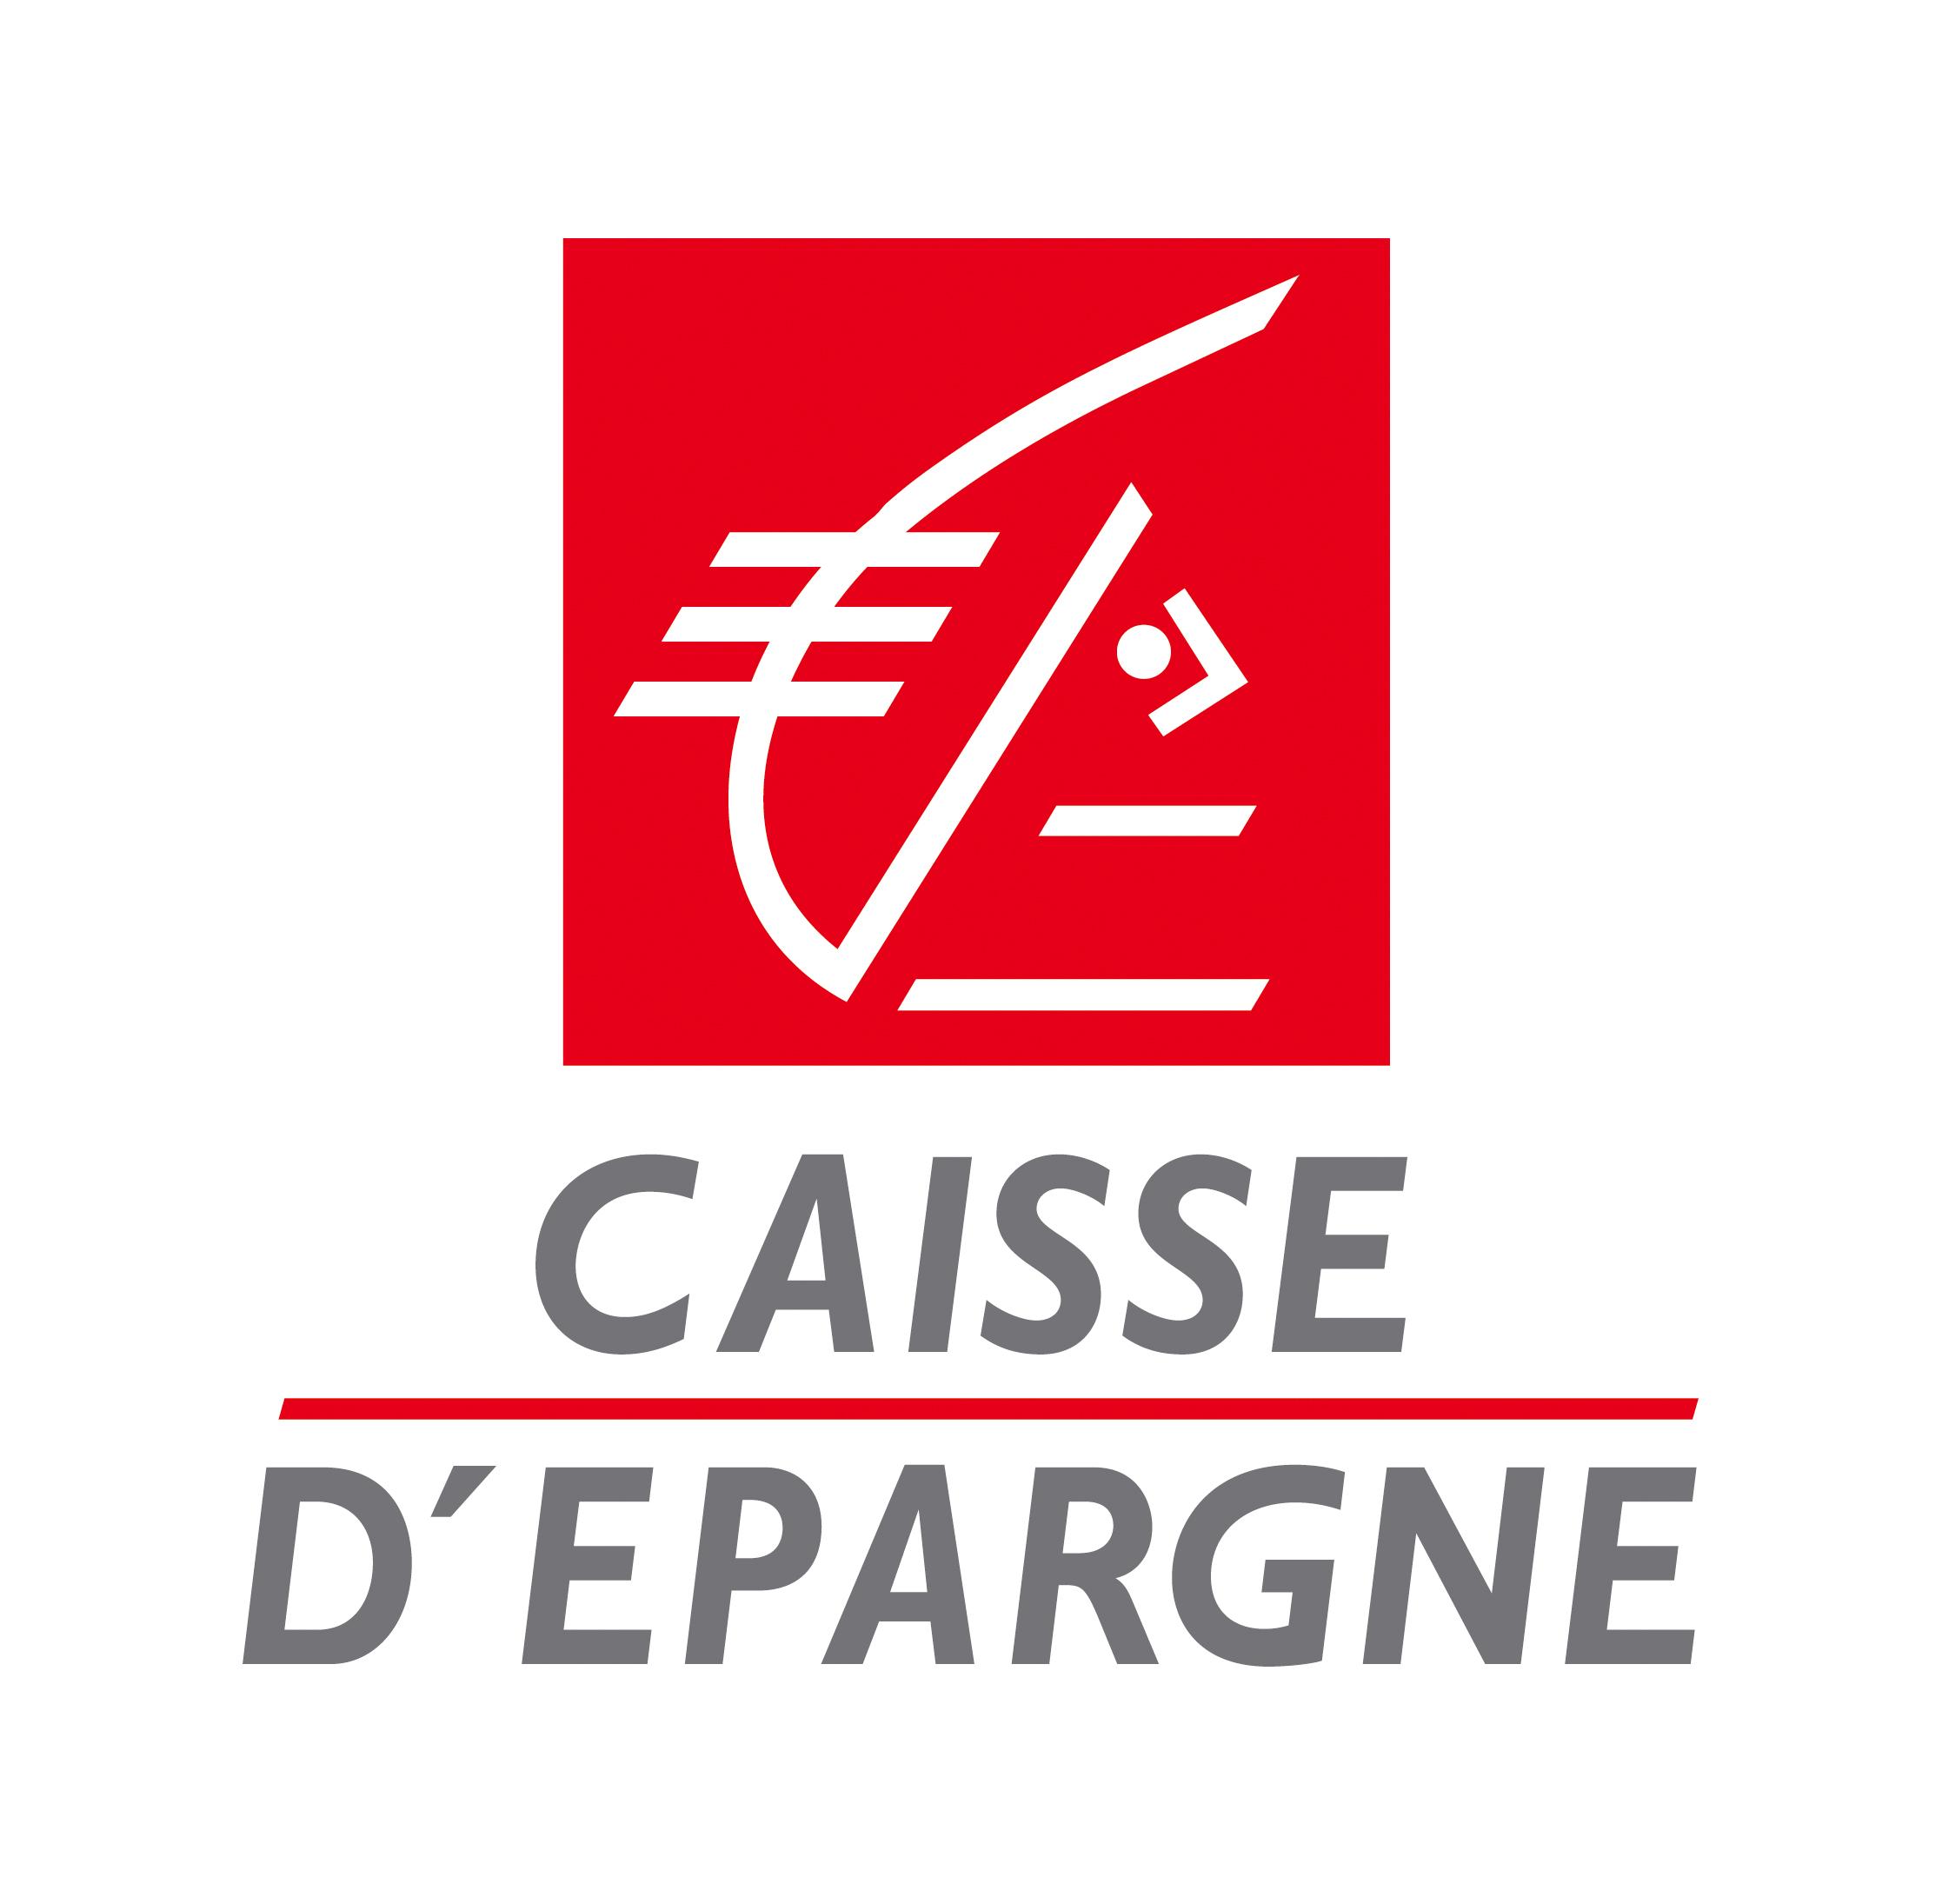 ▷ Prêt Immobilier Caisse d'Épargne : Simulation, contact et avis